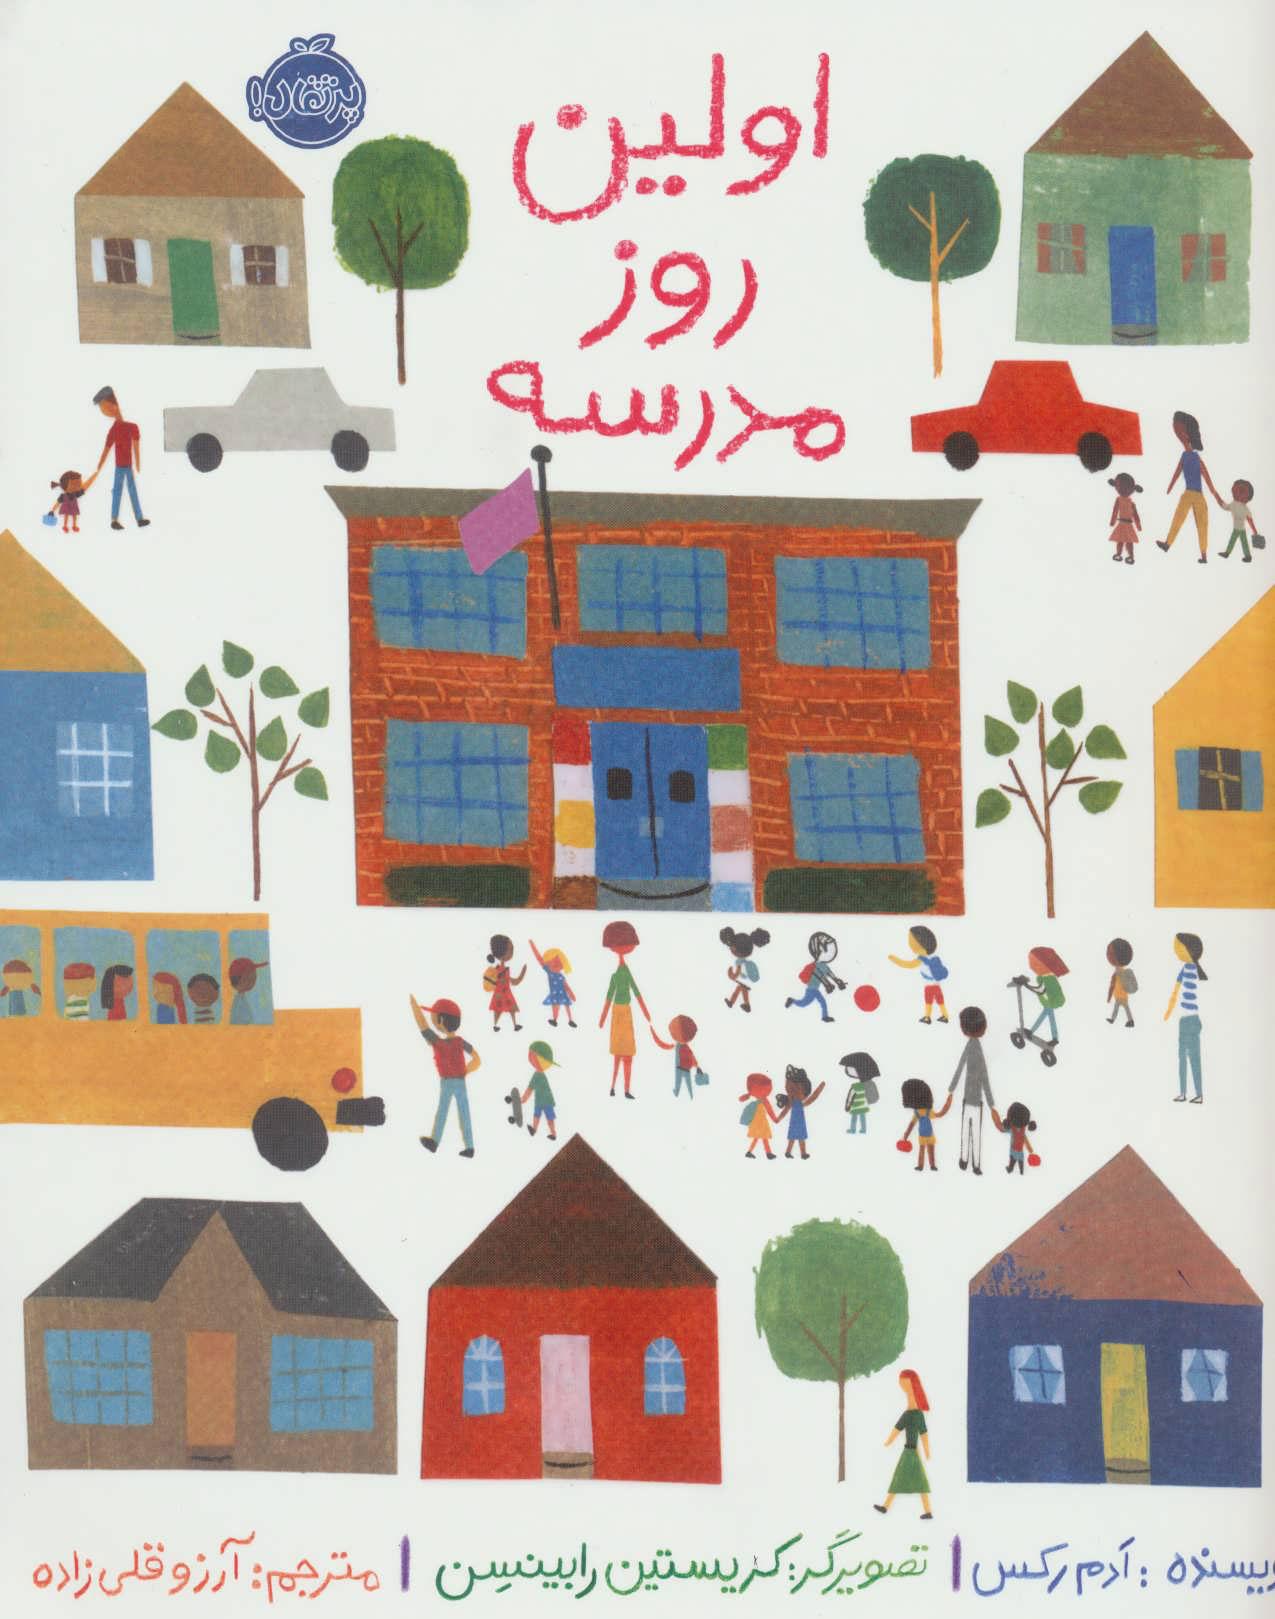 کتاب اولین روز مدرسه